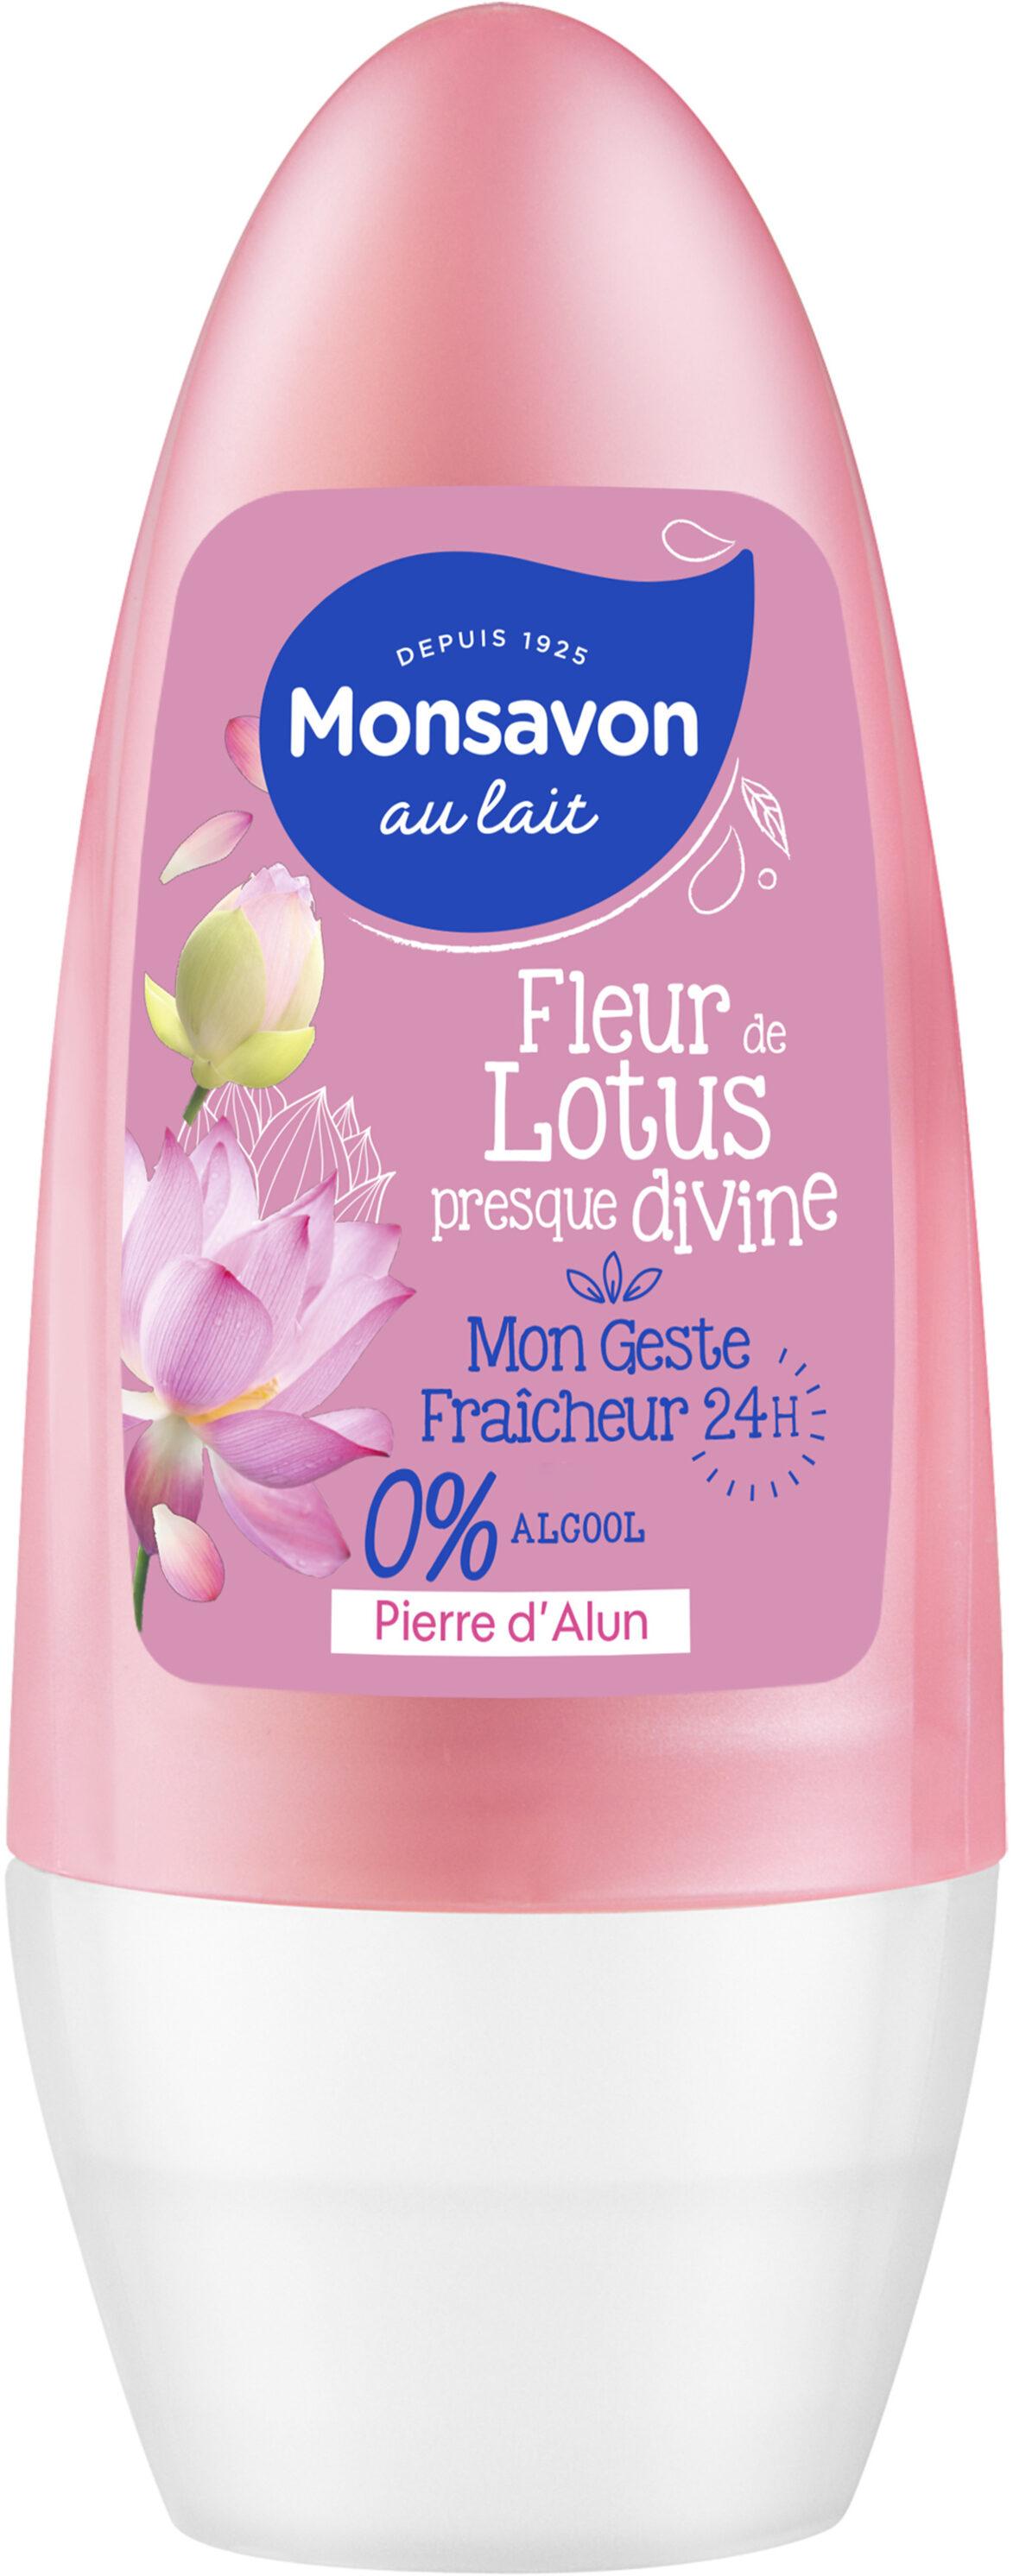 Monsavon Déodorant Femme Bille Antibactérien Pierre d'Alun Lait & Fleur de Lotus 0% Alcool - Product - fr